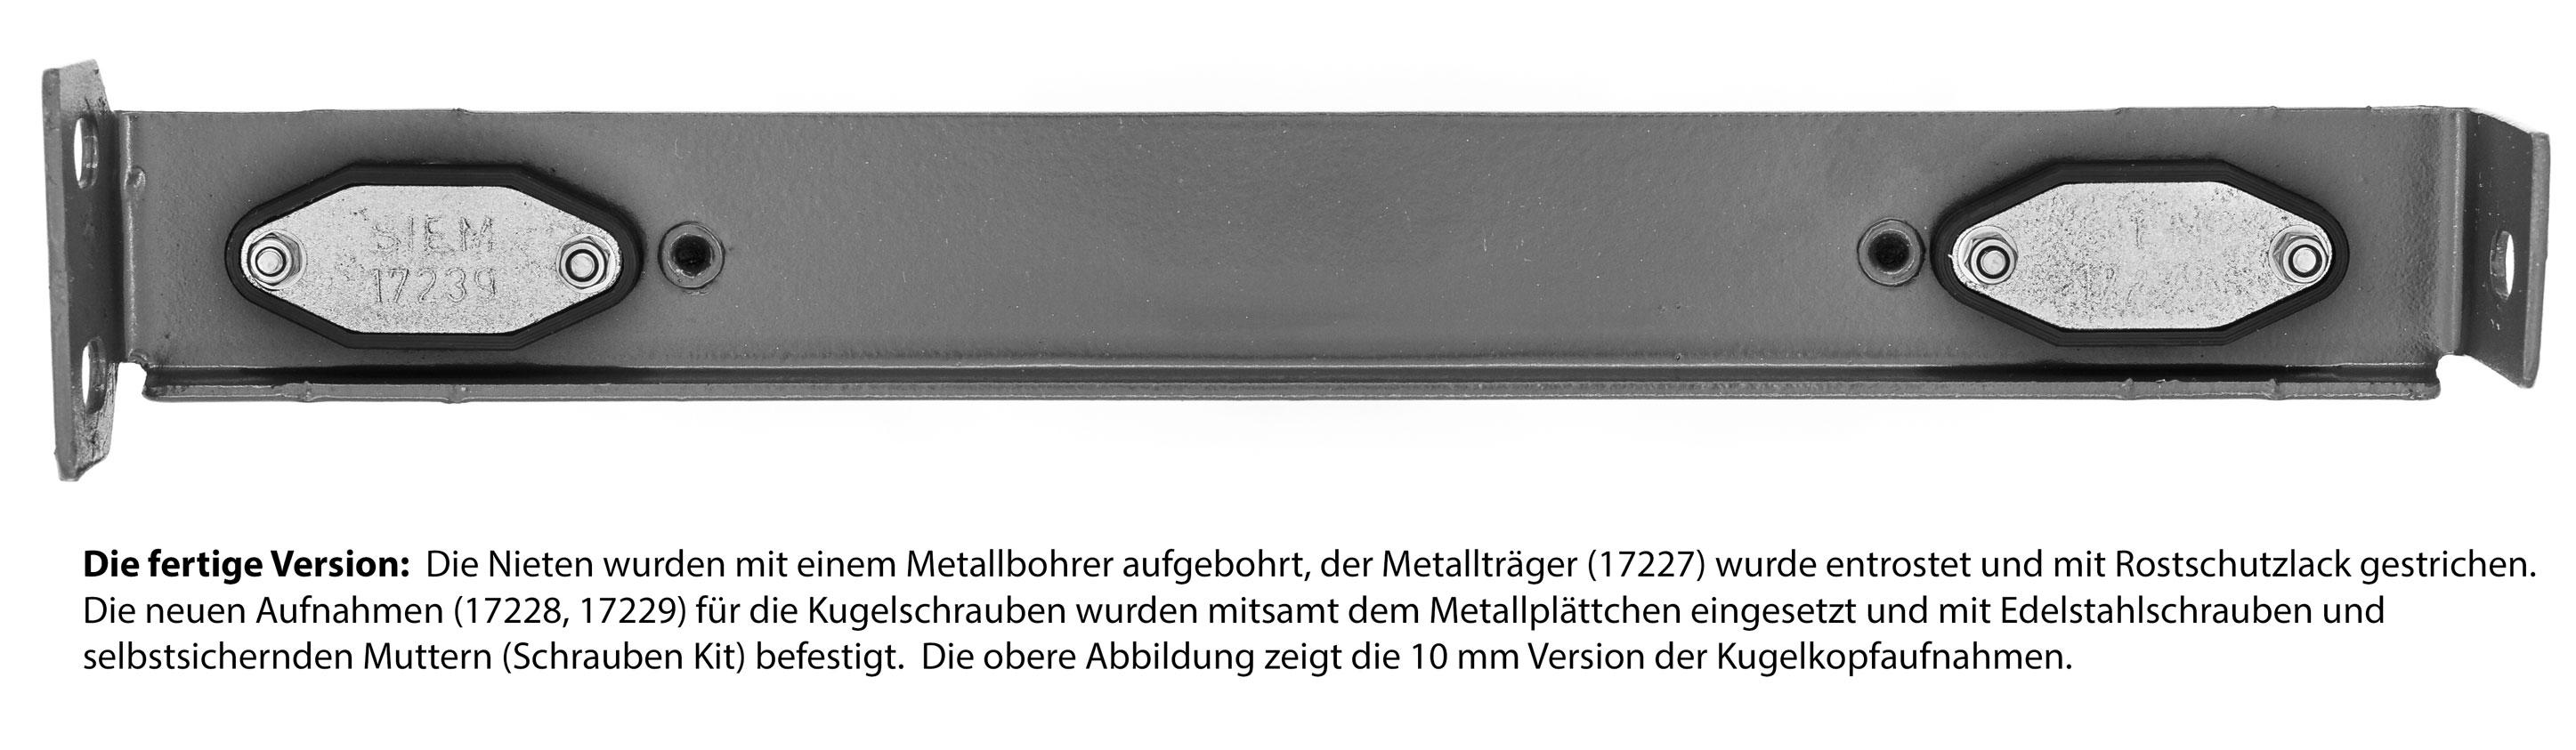 SIEM 17203 Halterungen Scheinwerfer Ducato 290 C25SIEM 17228+SIEM 17229 J5